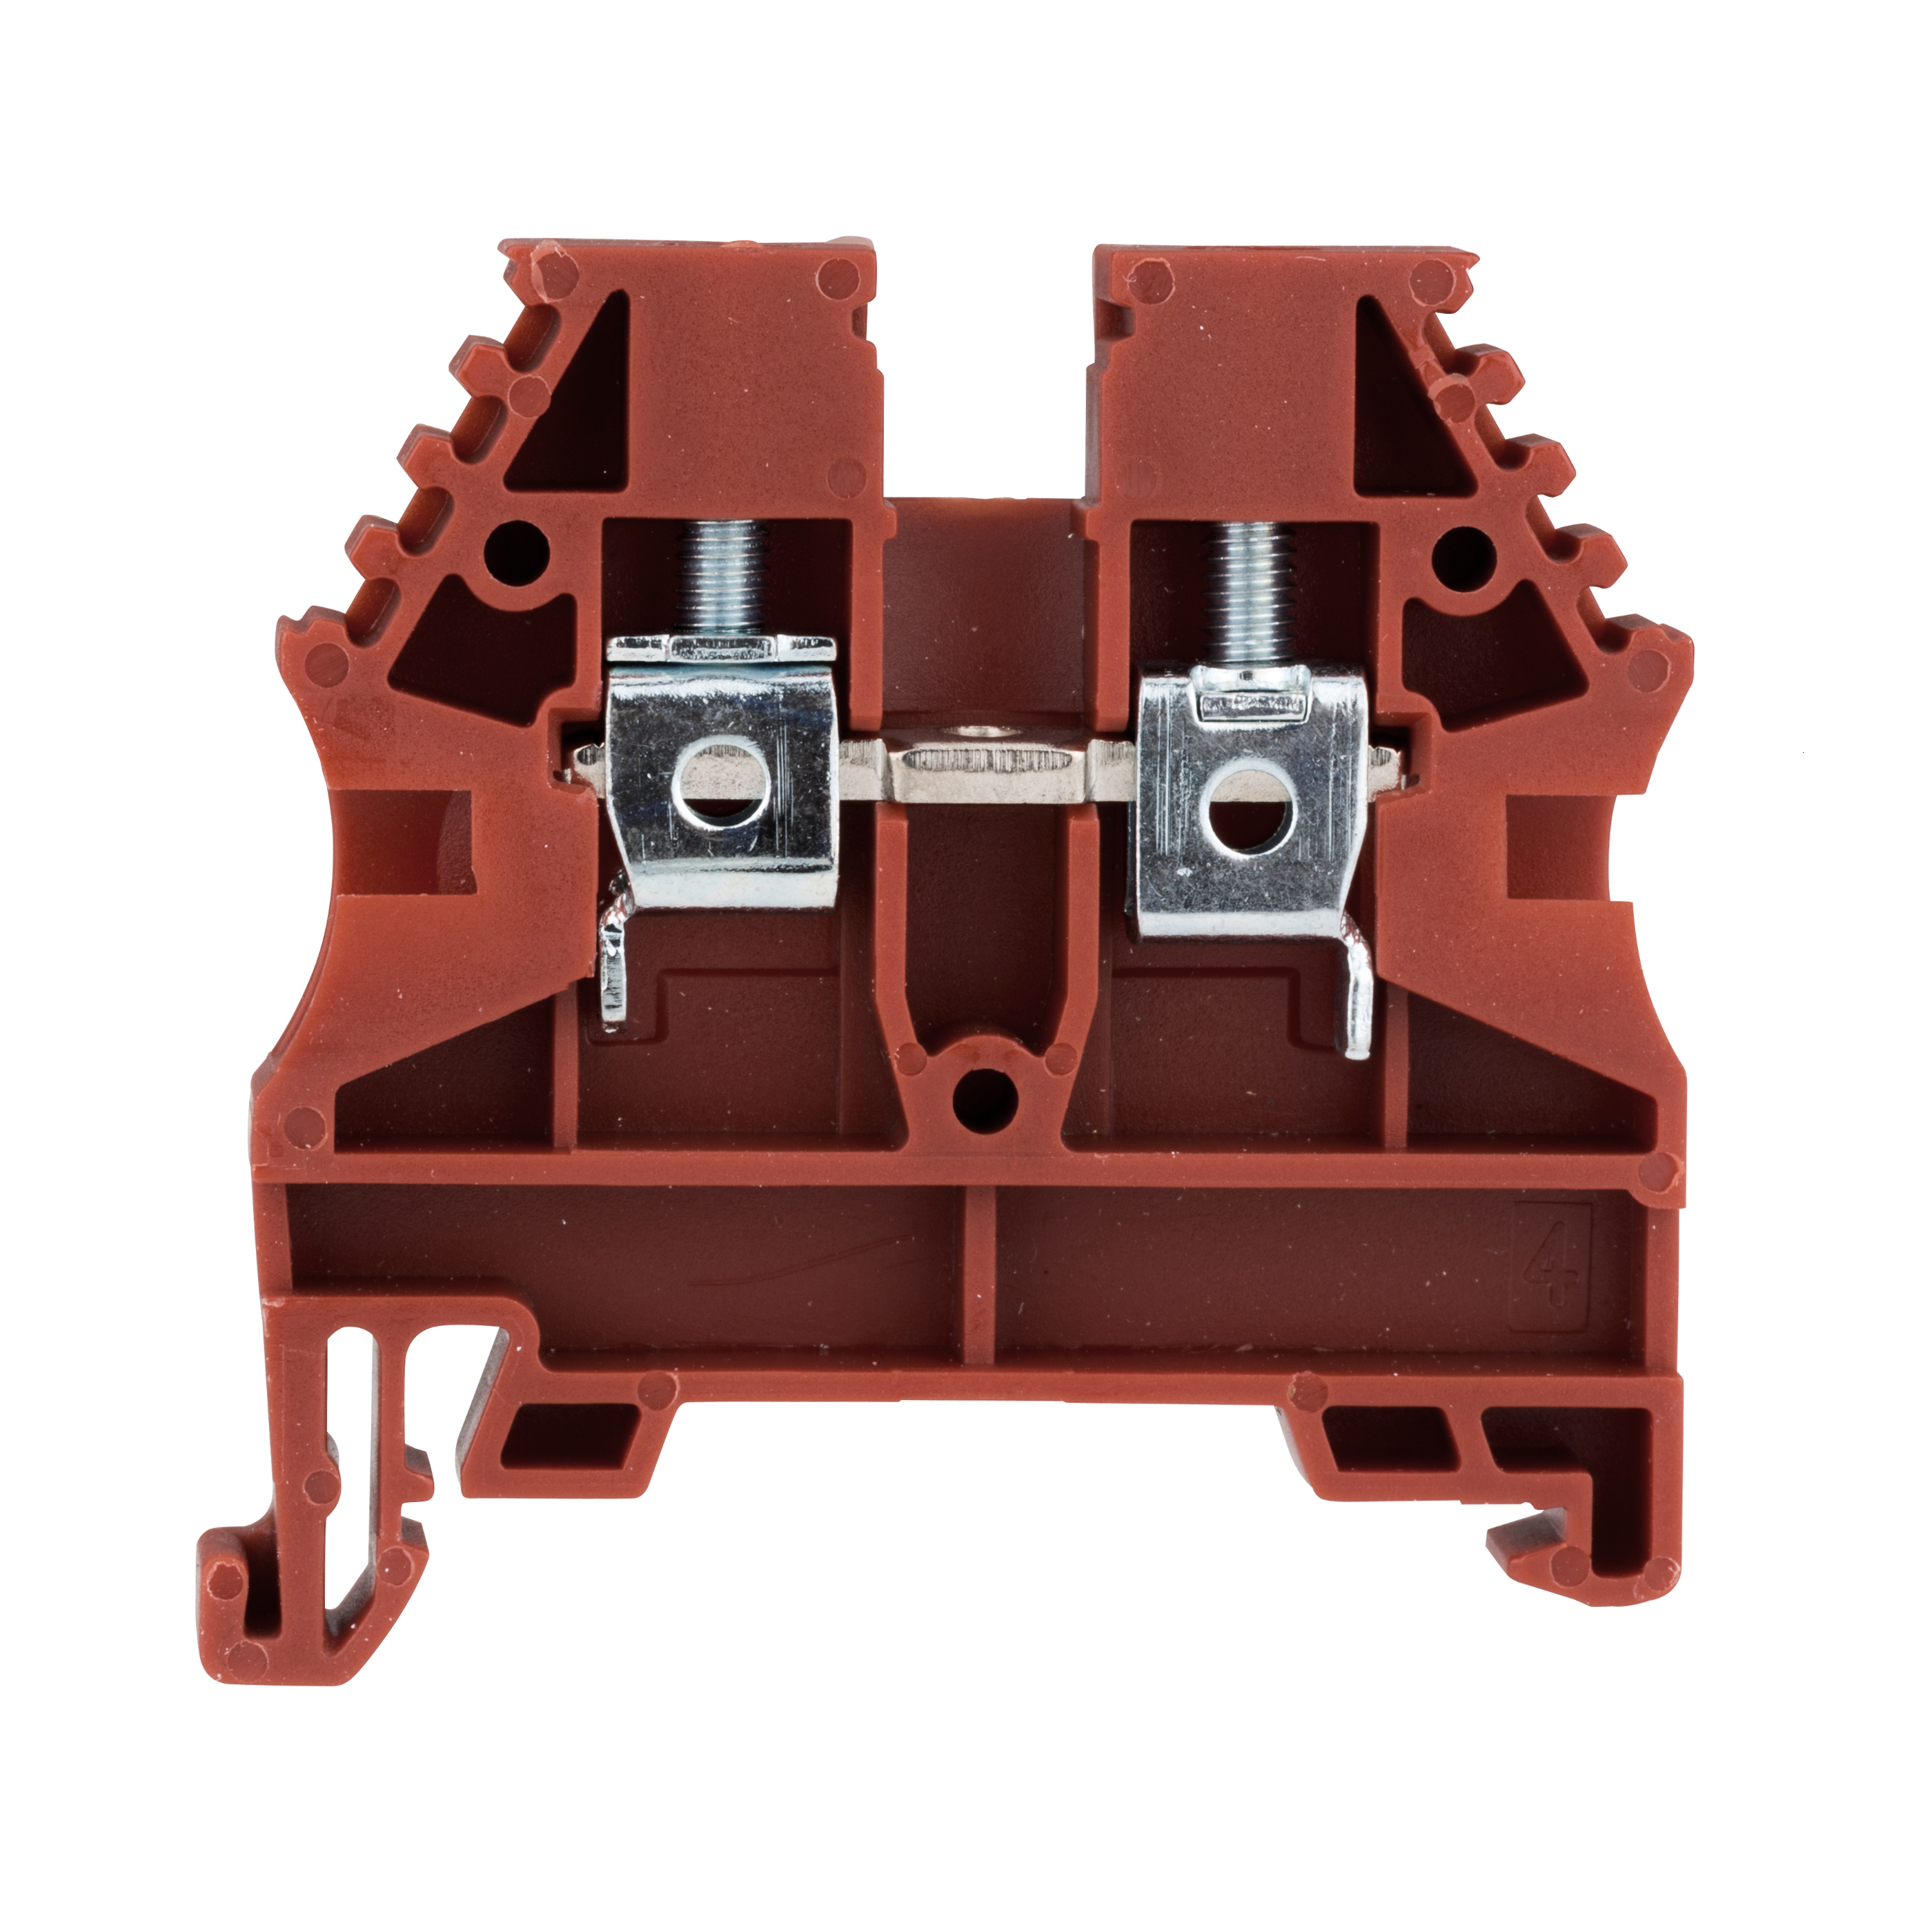 1 Stk Reihenklemme 4mm² AVK 4, rot IK608004--